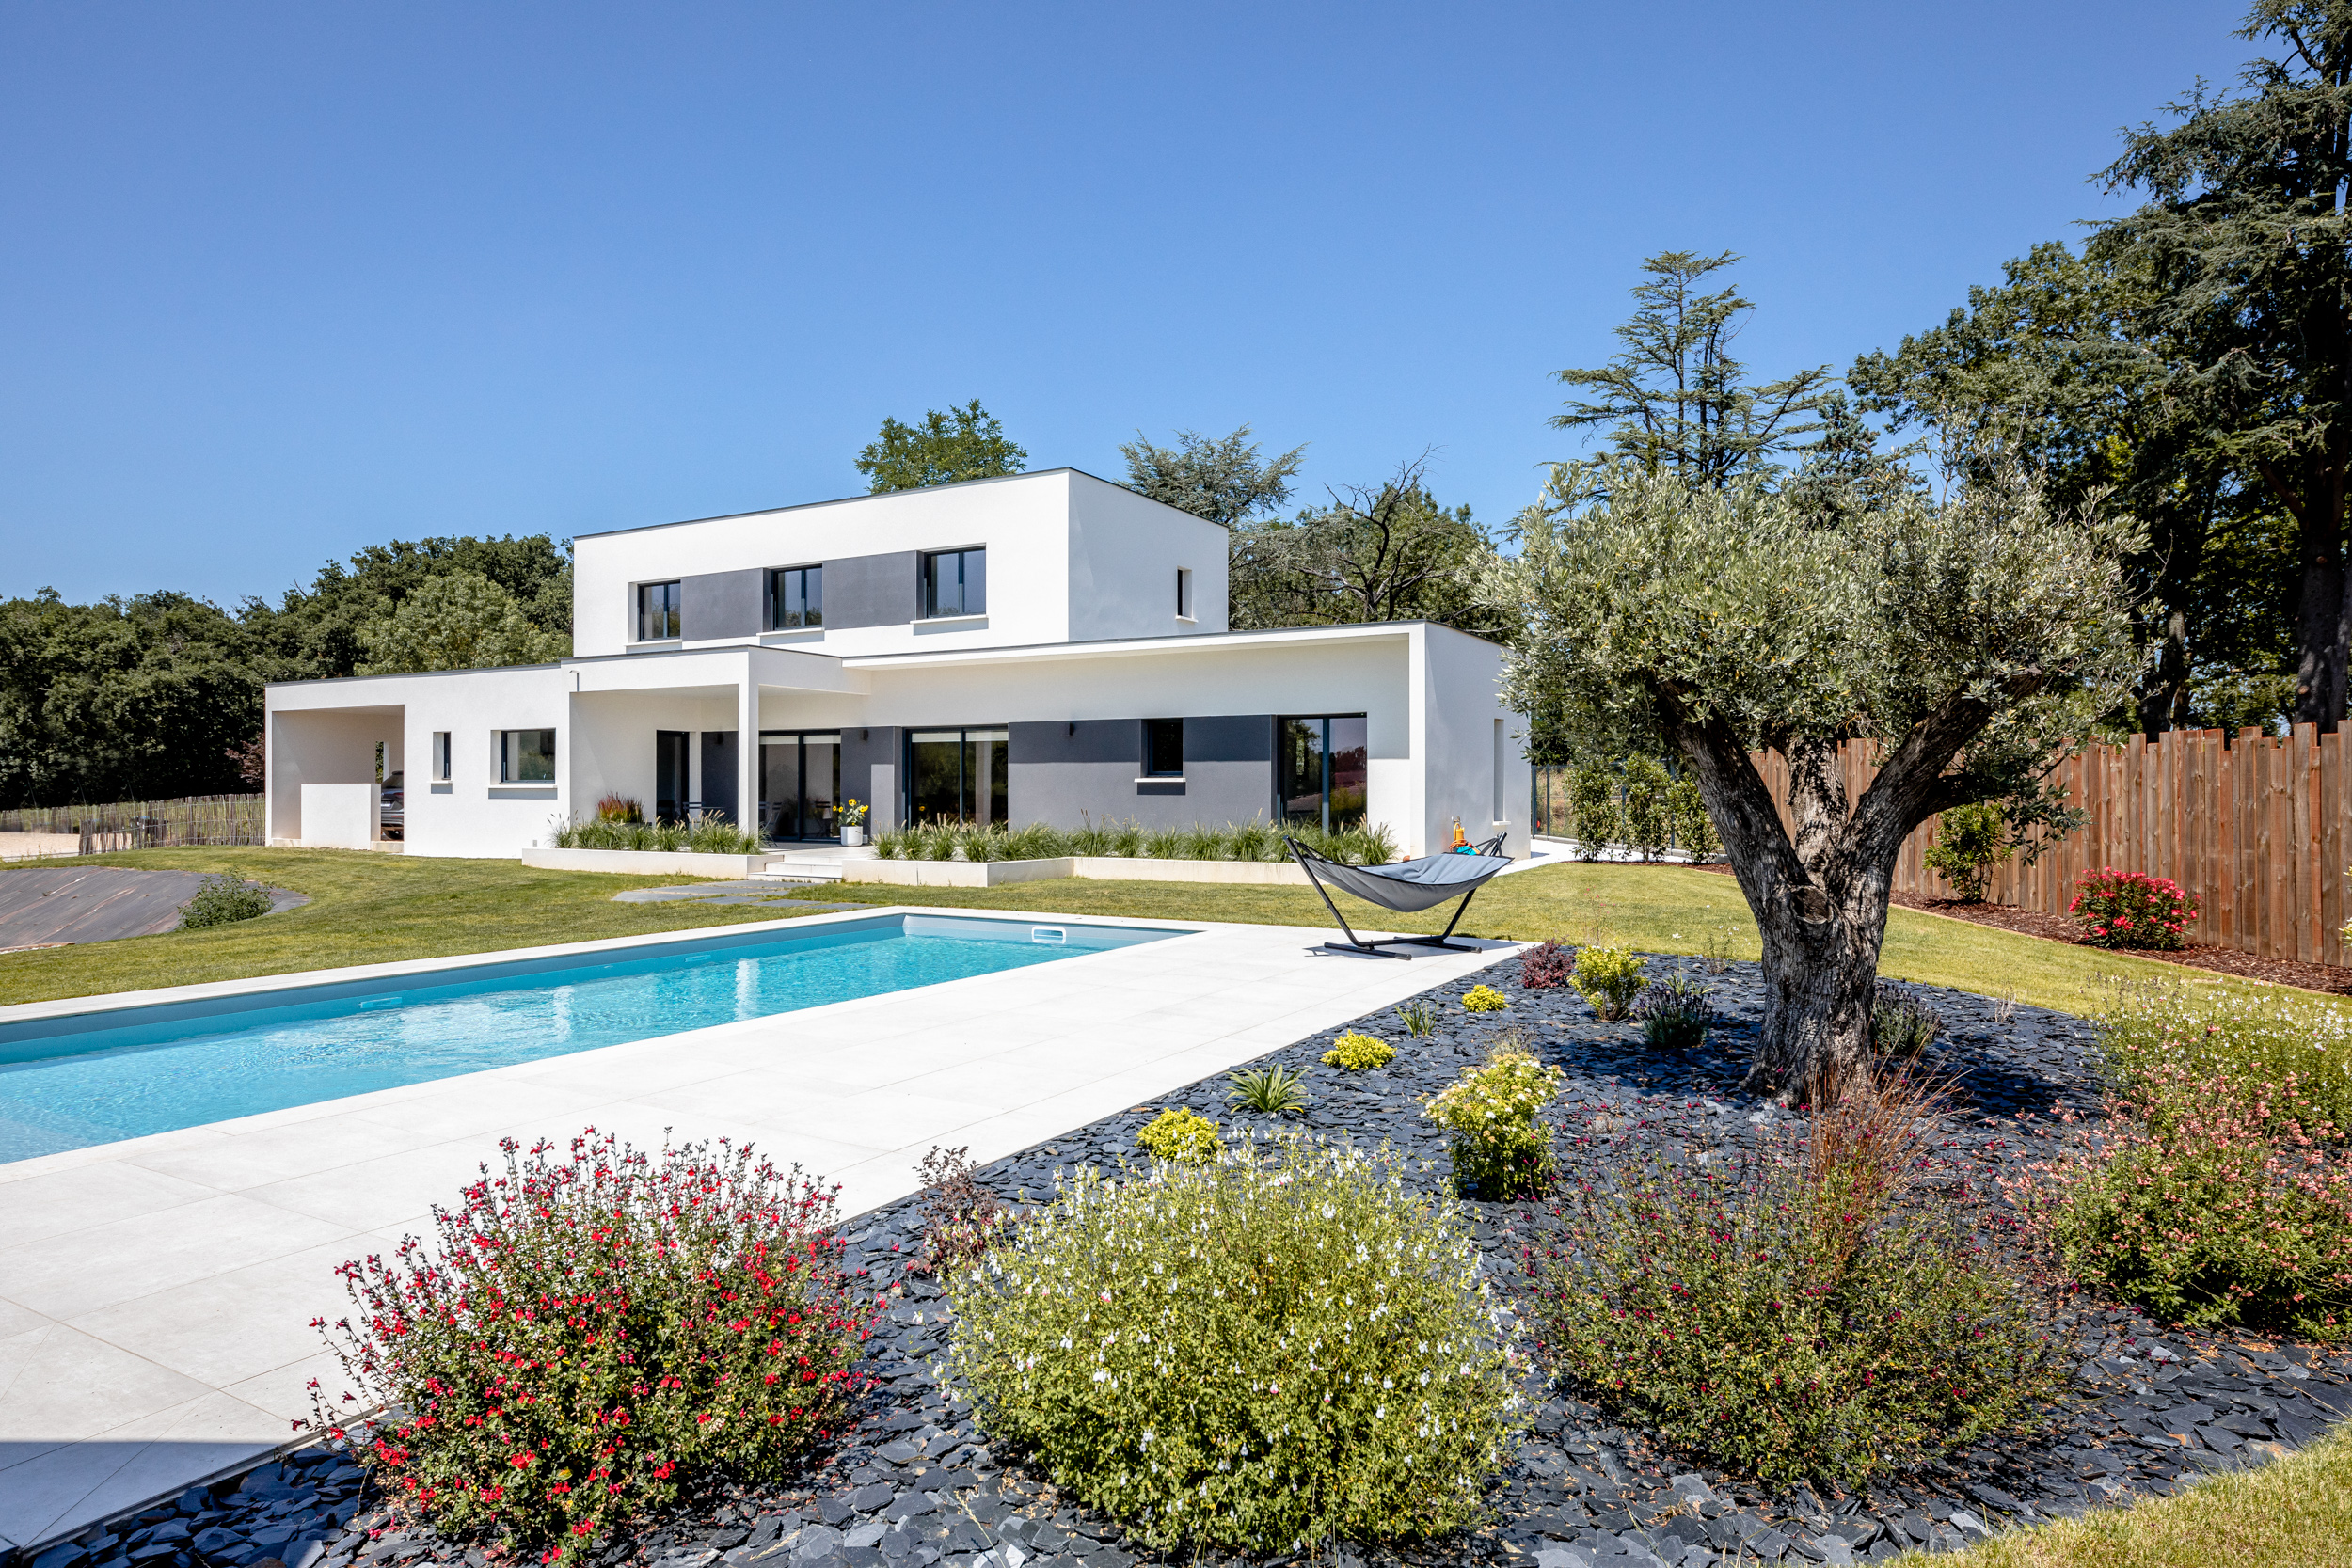 constructeur maison contemporaine toulouse avec piscine et jardin paysagé